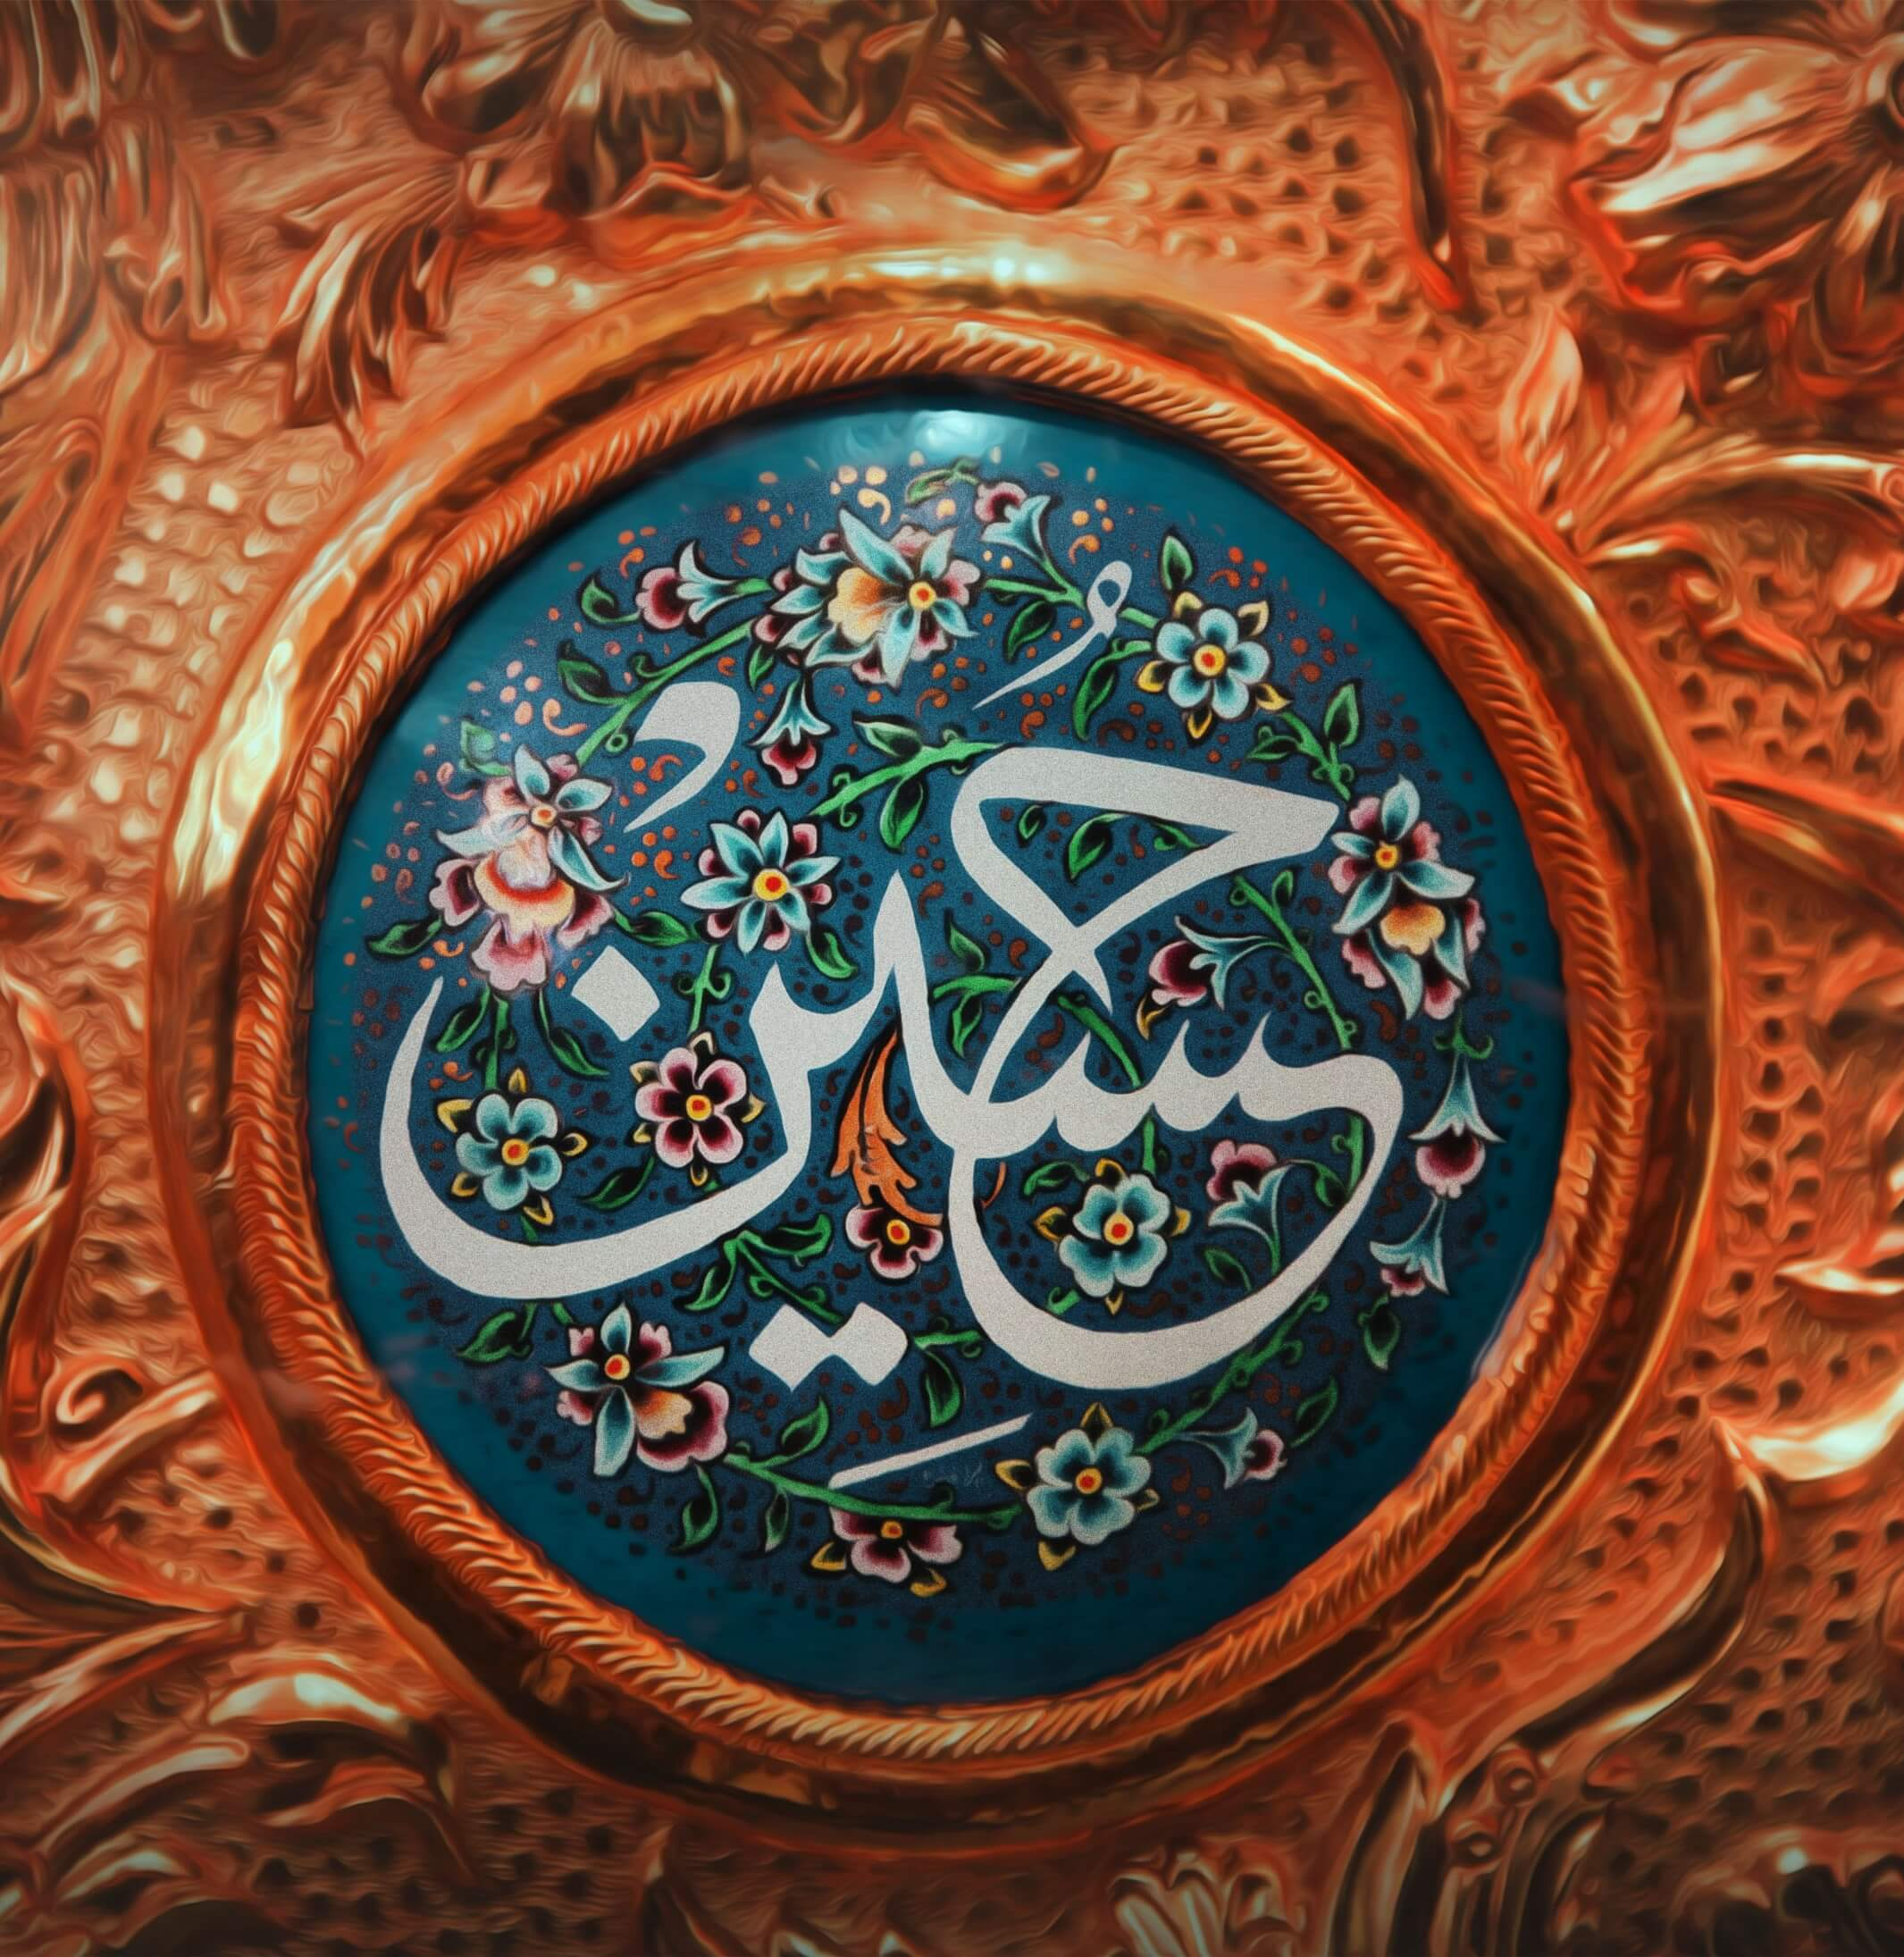 میلاد امام حسین (ع) مبارک باد